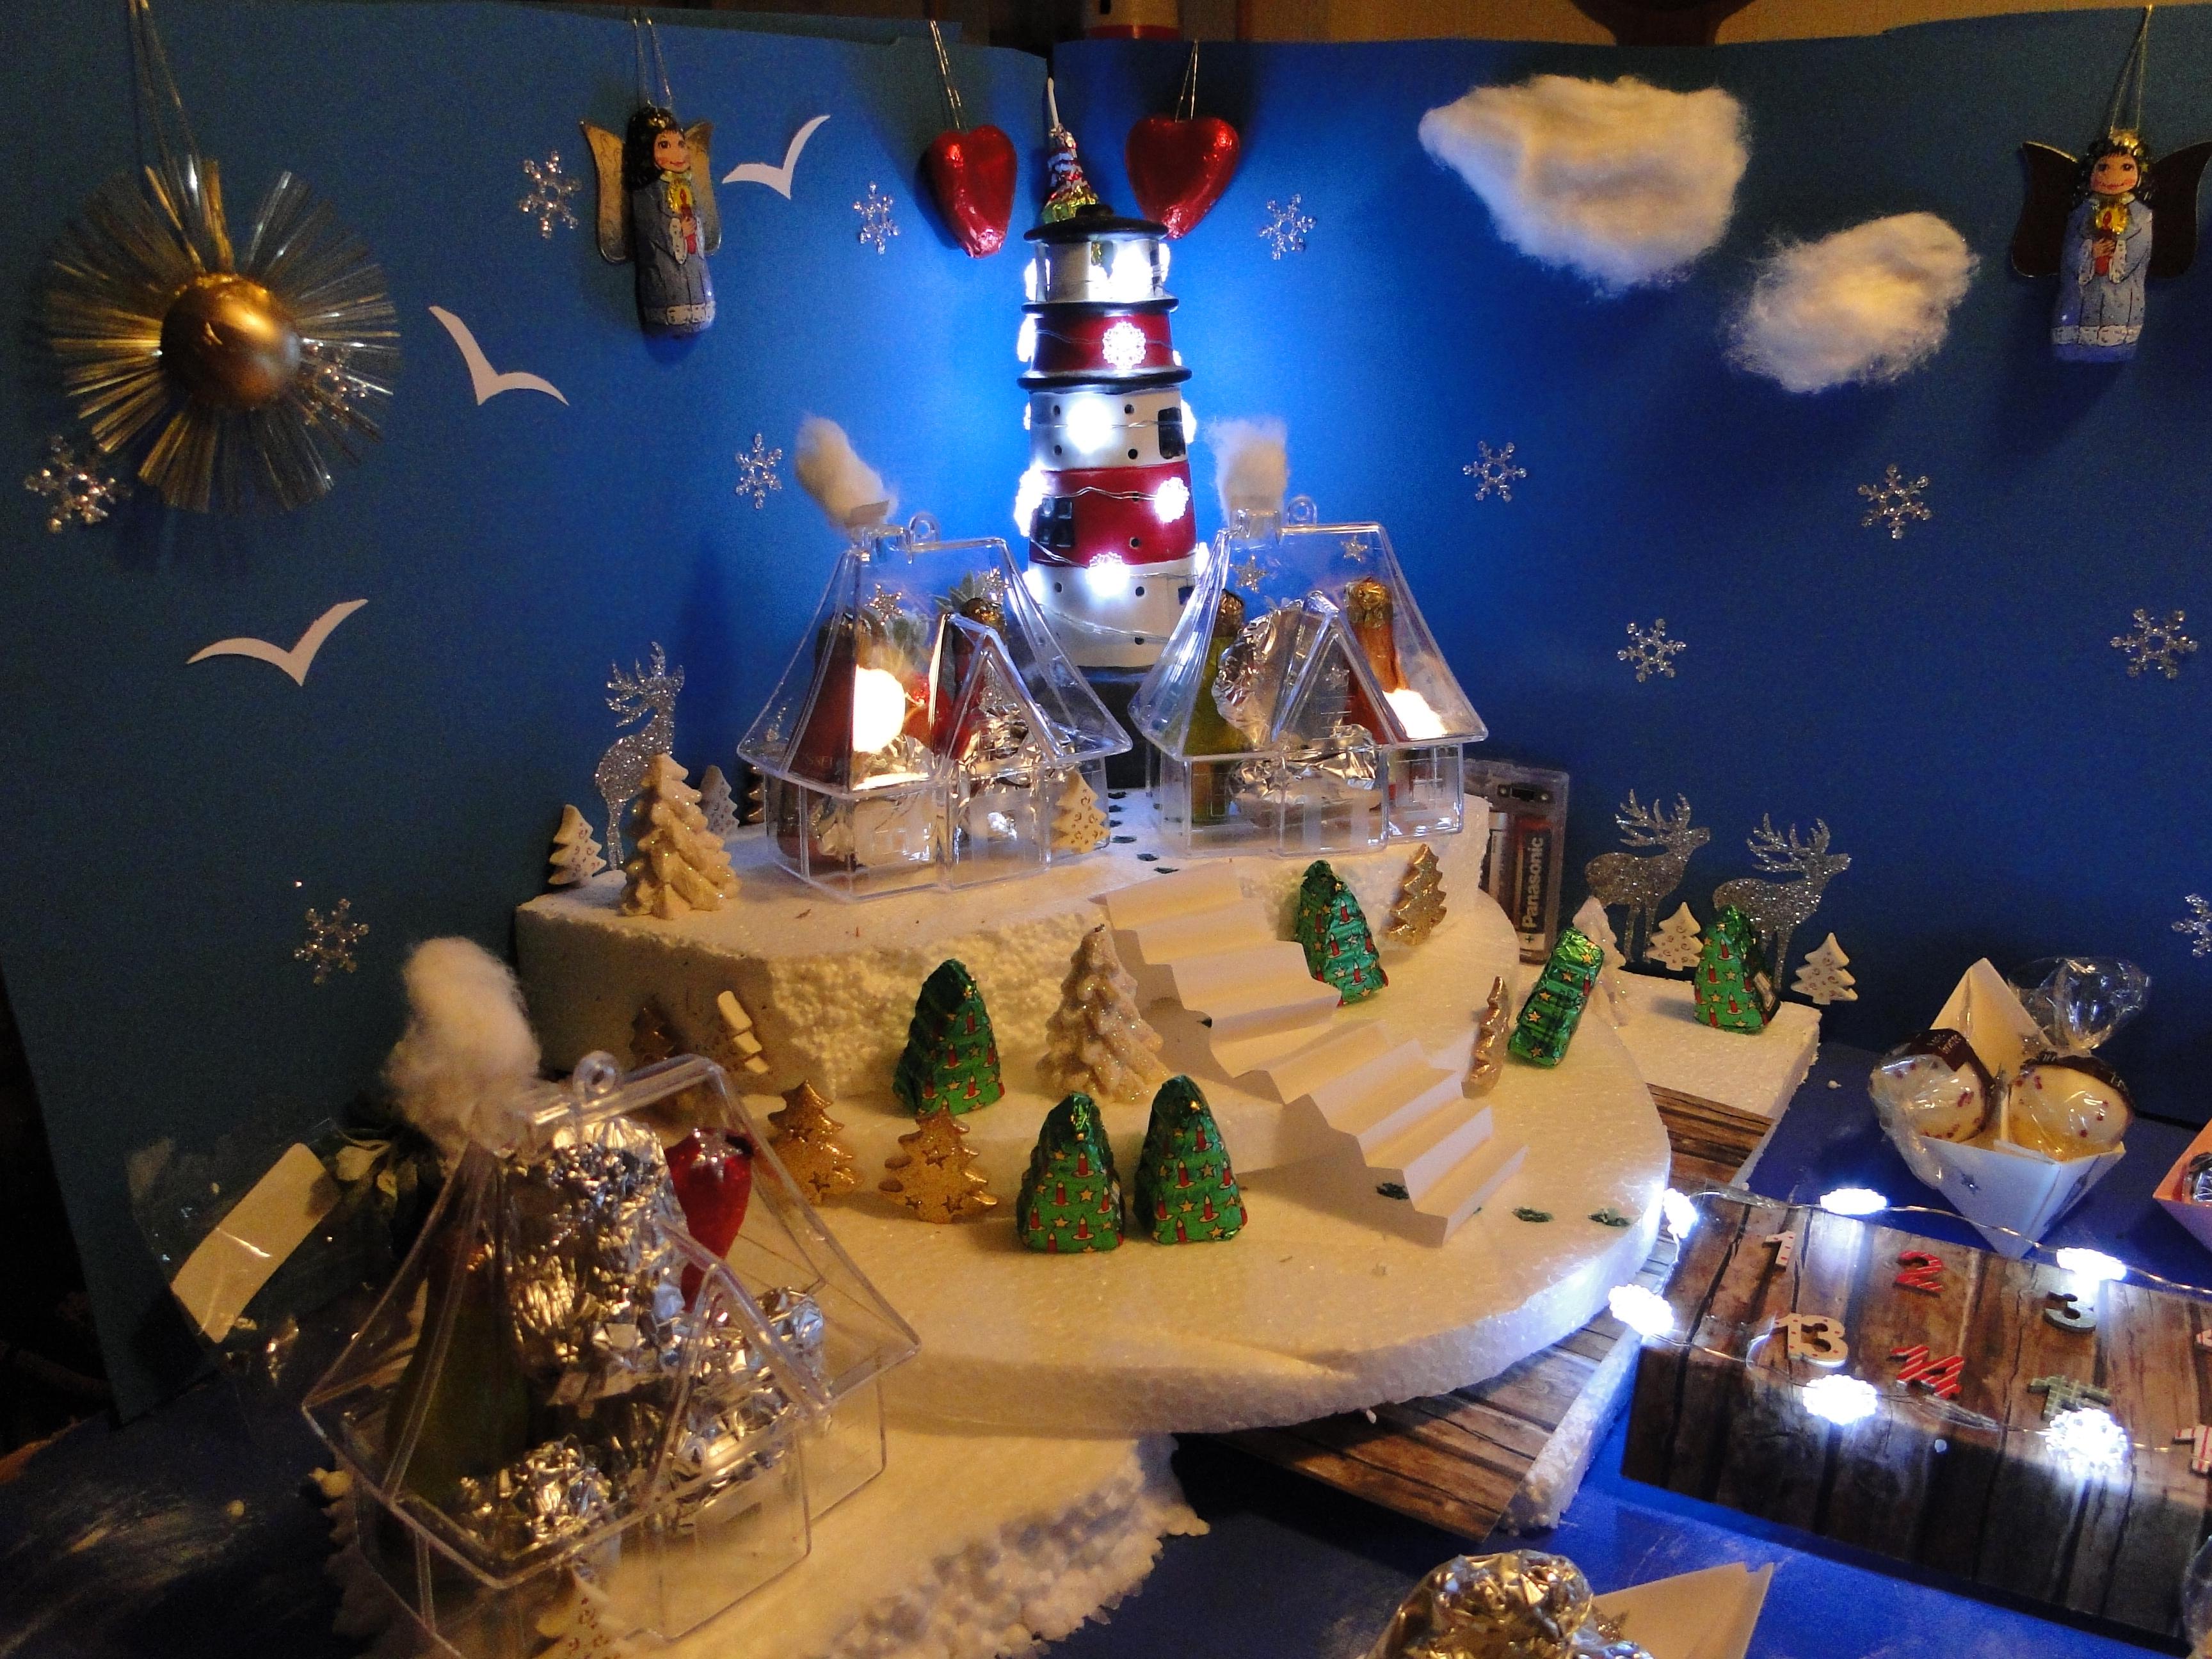 der weihnachtshafen adventskalender selbstgemacht. Black Bedroom Furniture Sets. Home Design Ideas